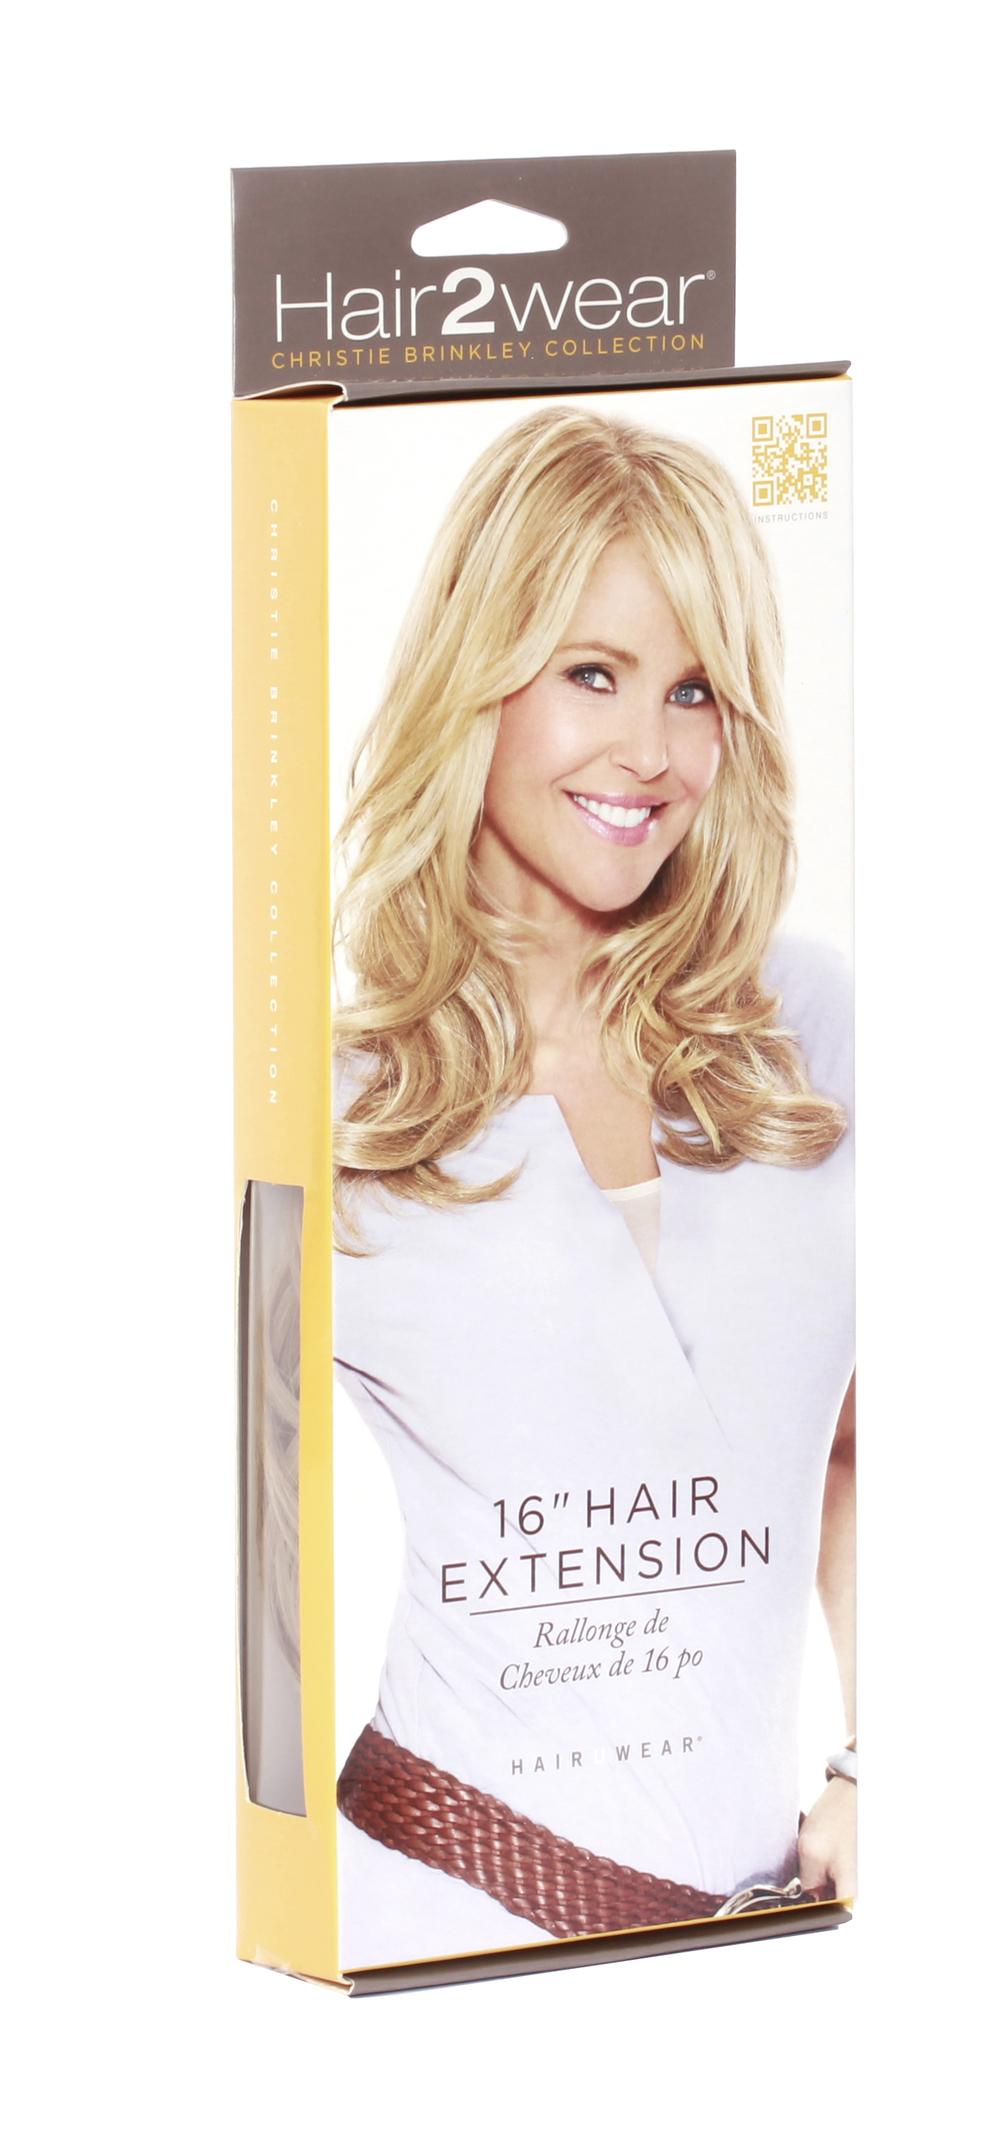 christie-brinkley-hair2wear-hair-extensions